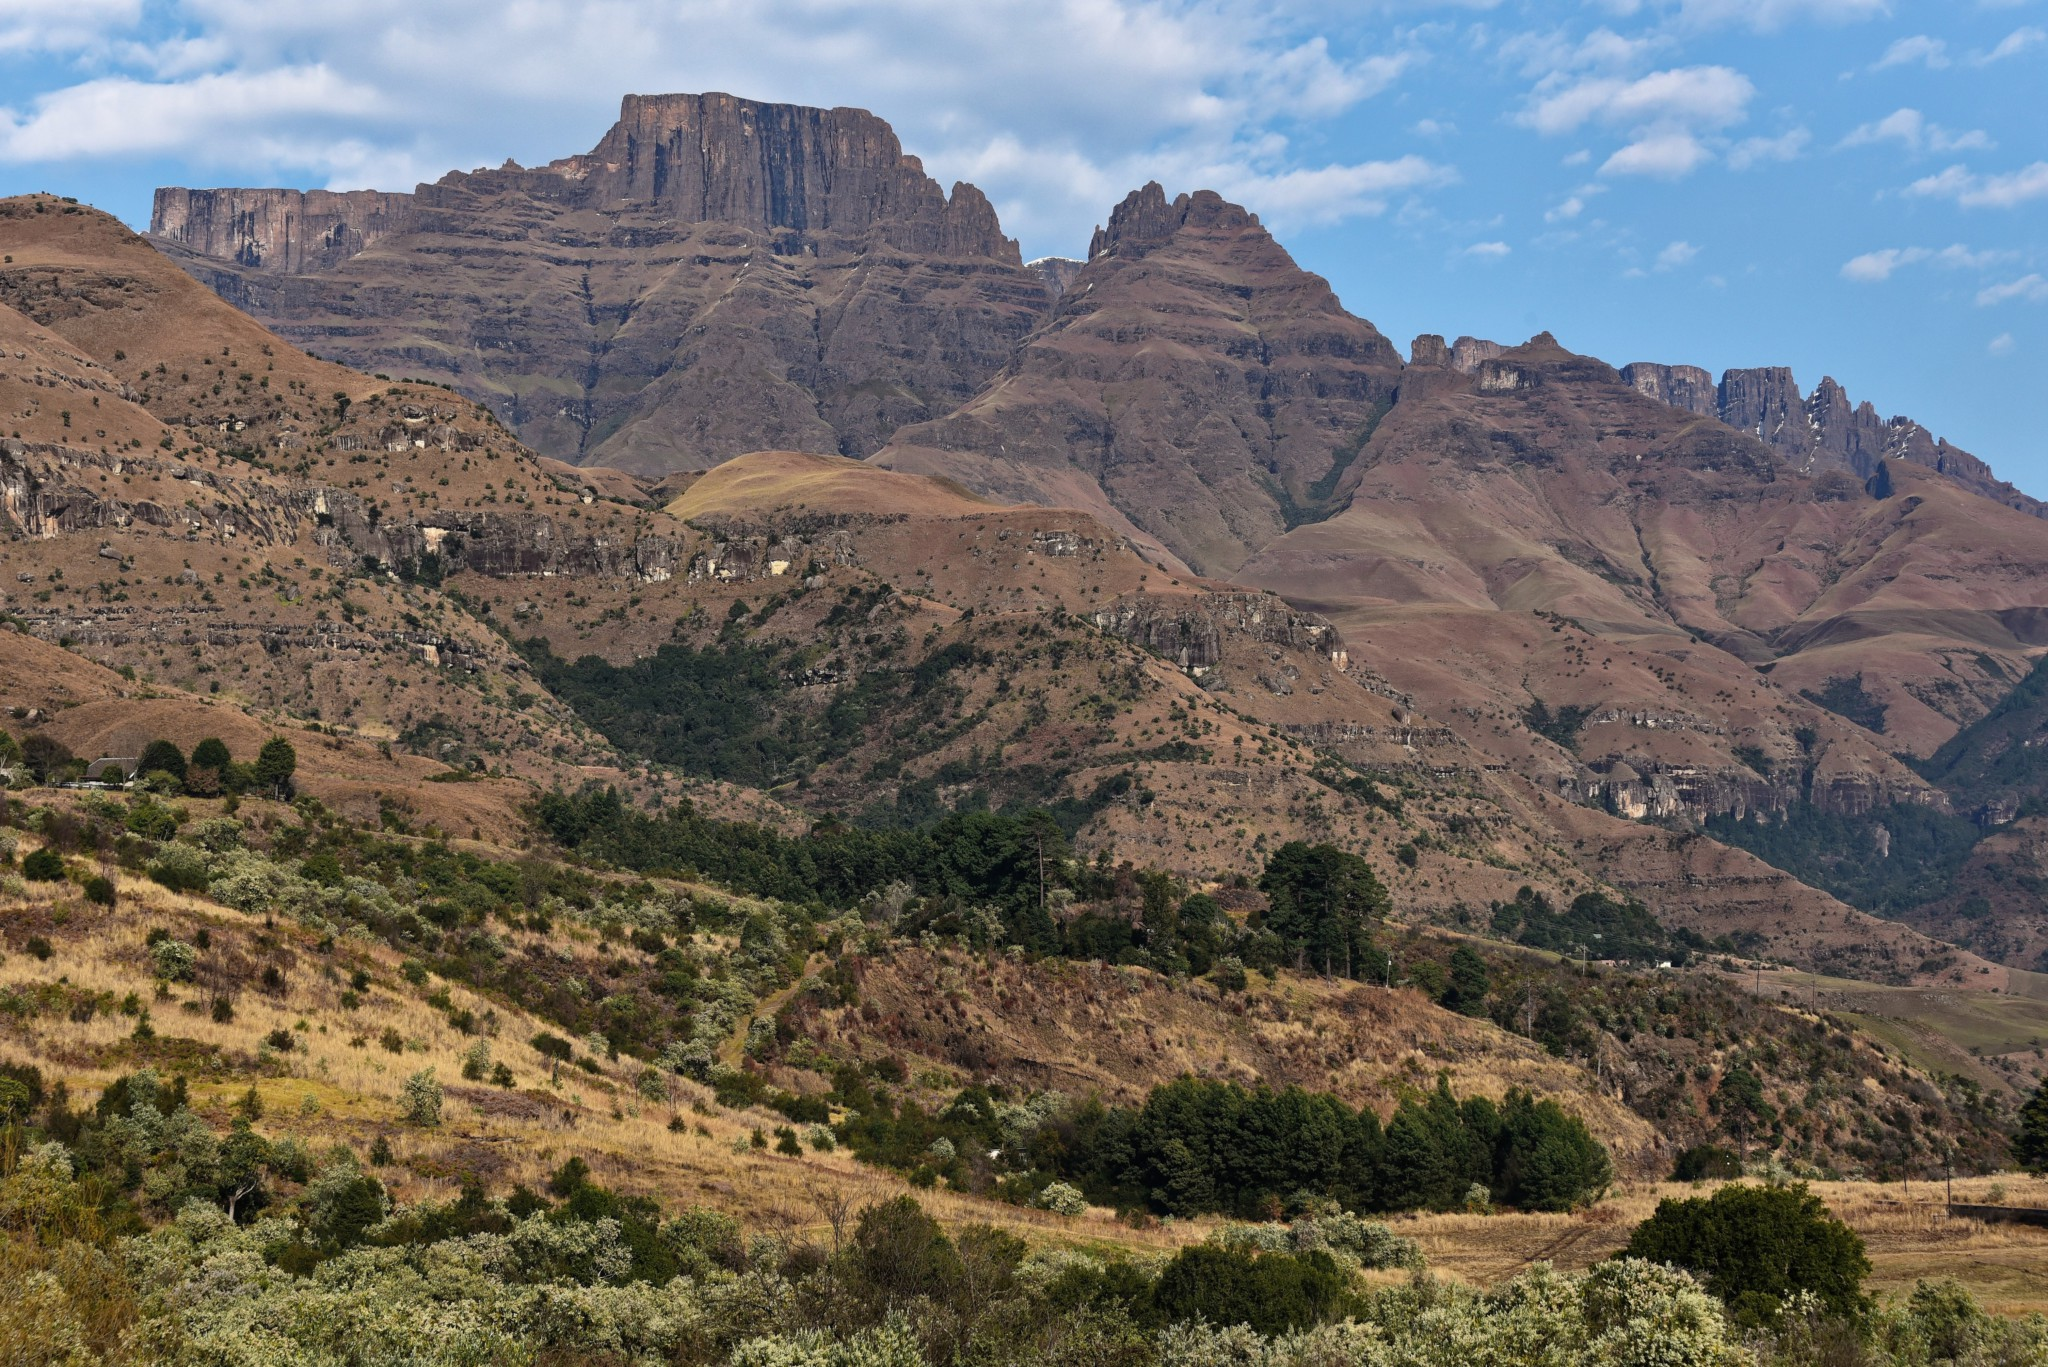 Atemberaubender Blick auf die Gipfel der Drakensberge